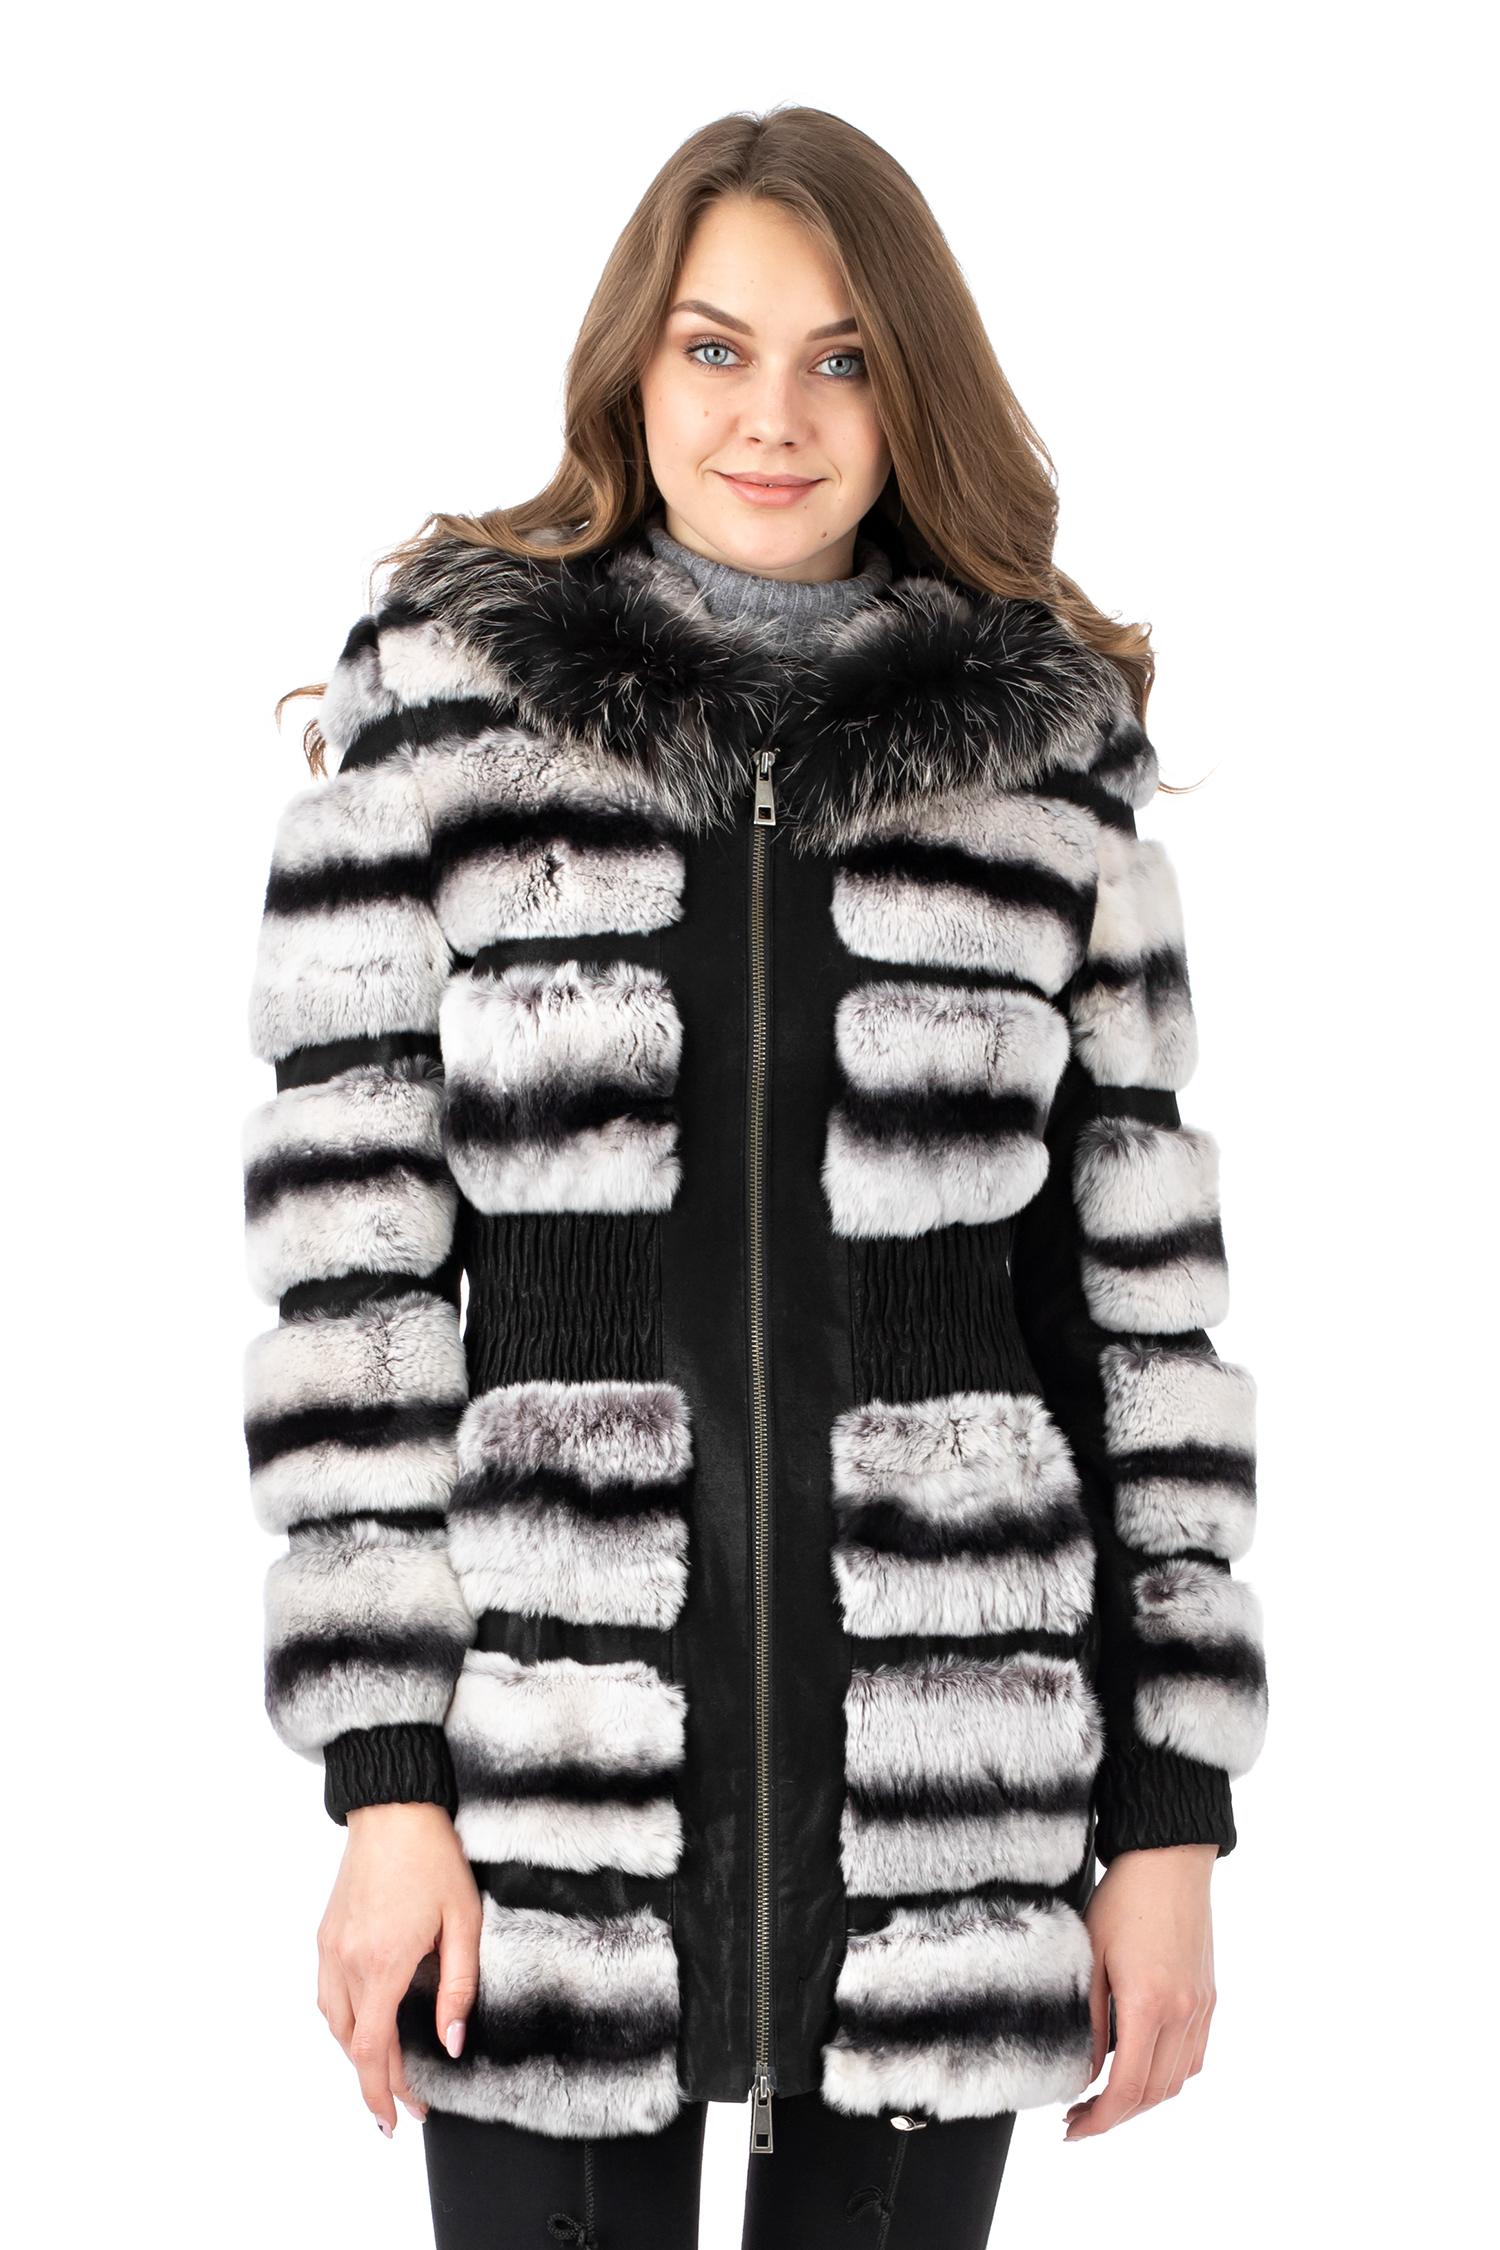 Женская кожаная куртка из натуральной кожи с капюшоном, отделка кролик